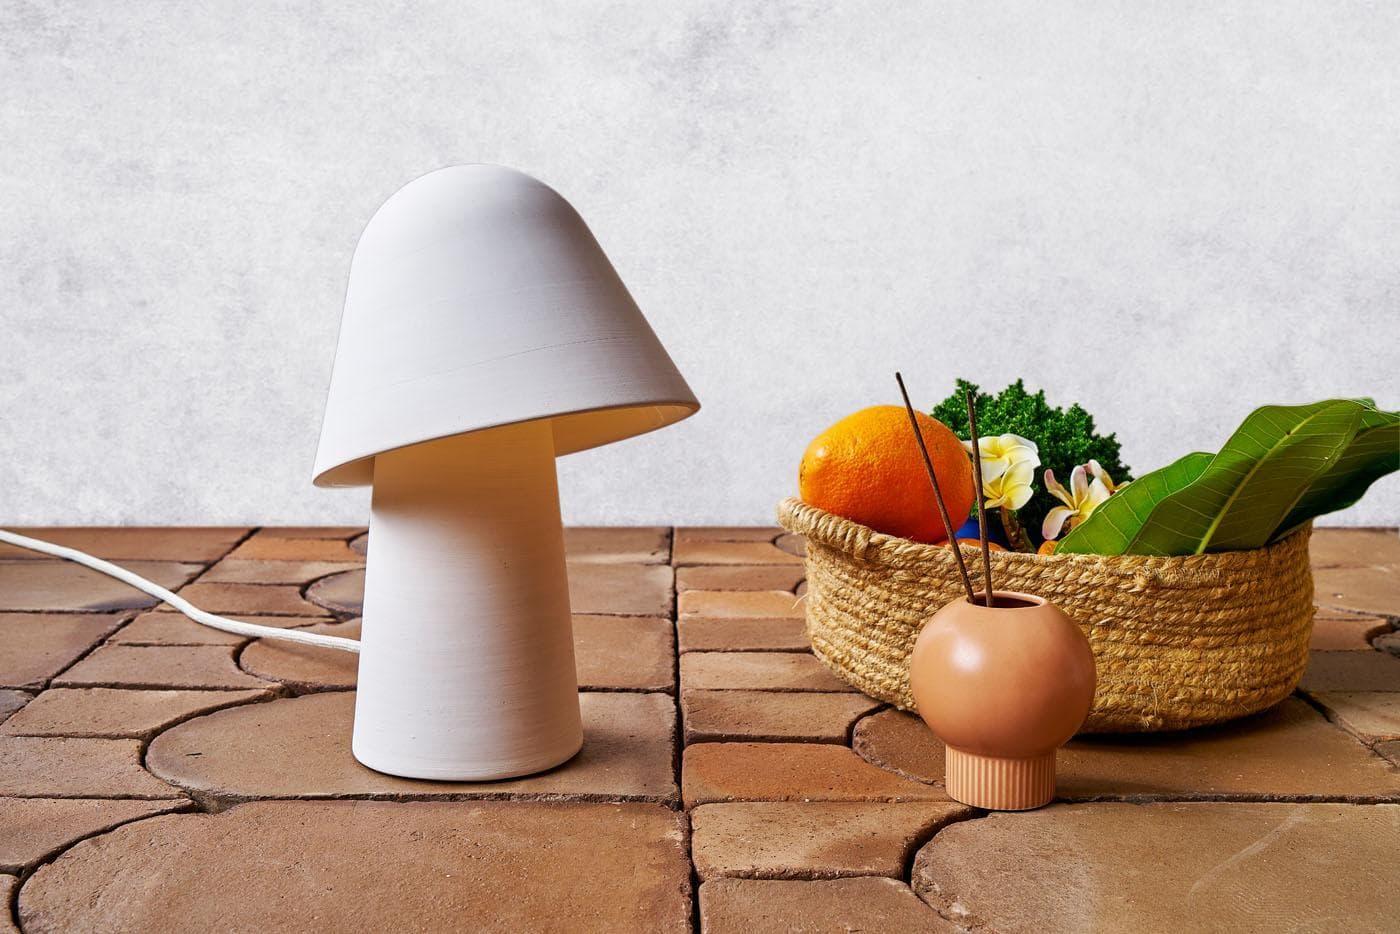 Lámpara y cesta de mimbre con frutas mediterráneas sobre baldosas de barro cocido artesanales